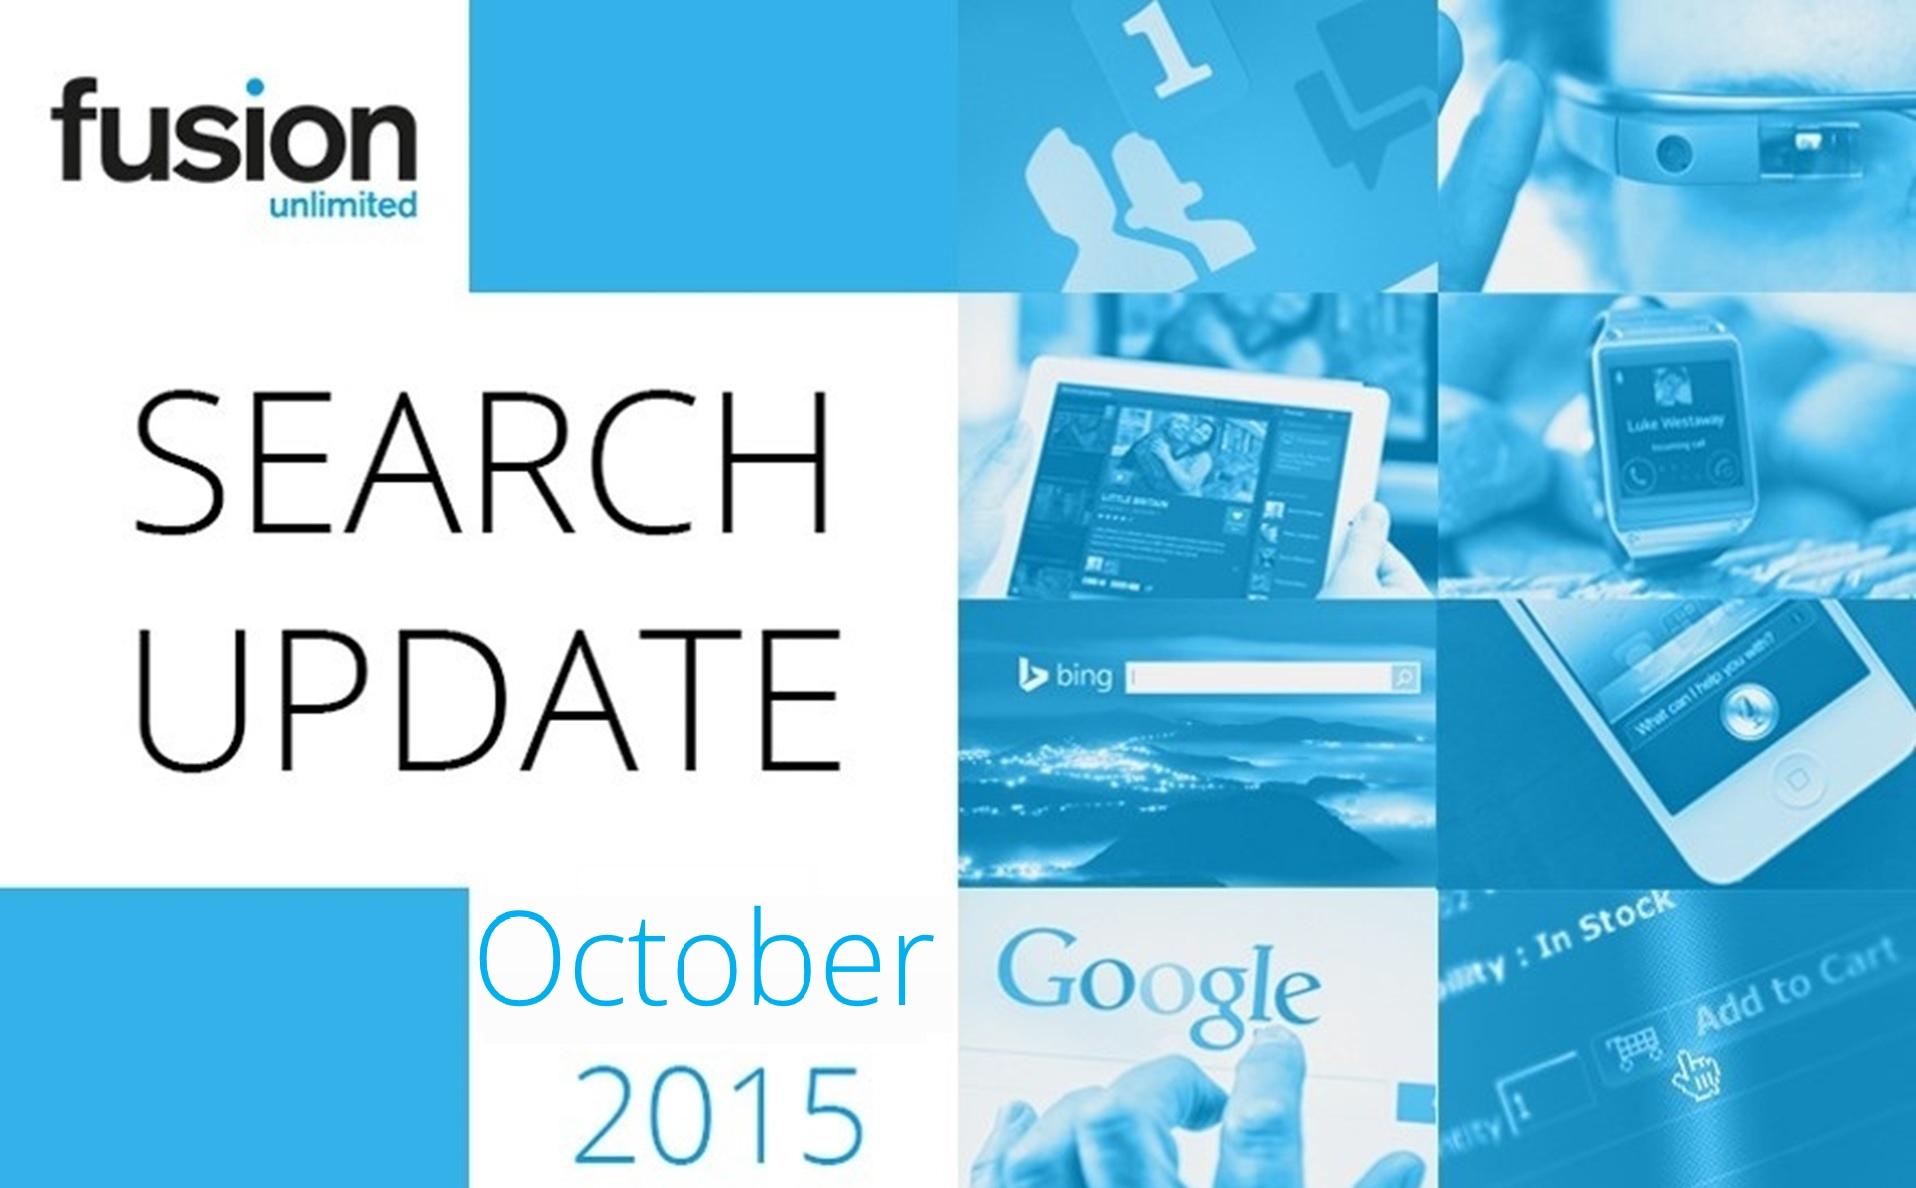 Oct - Market Updates